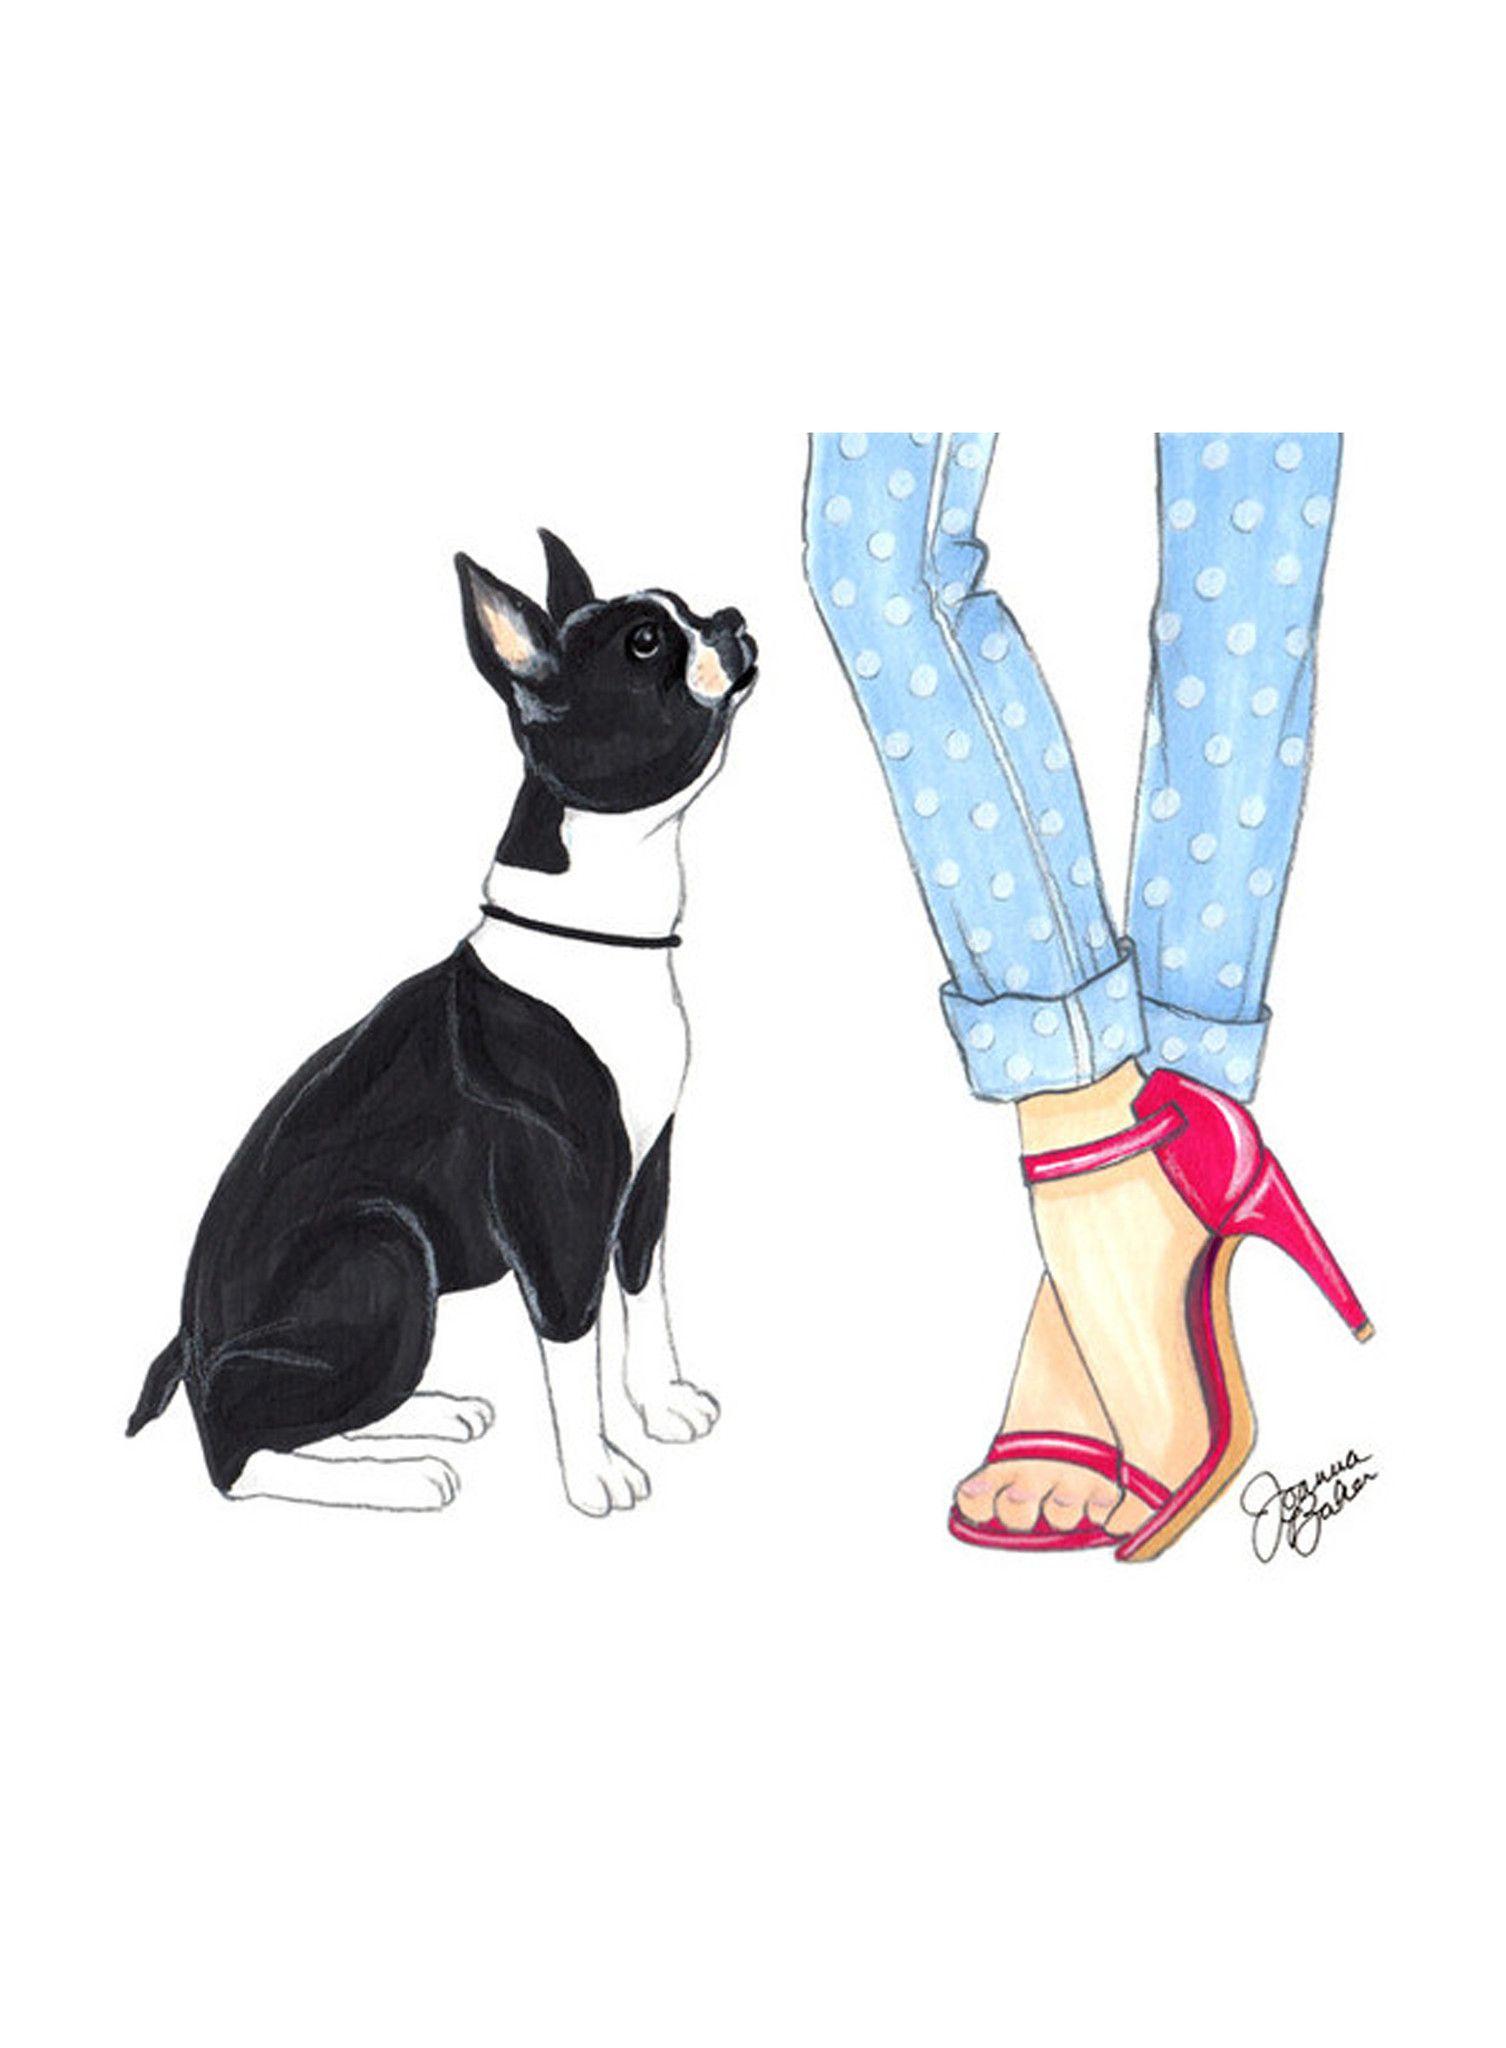 Pink Boston Terrier Boston Terrier Art Boston Terrier Illustration Boston Art